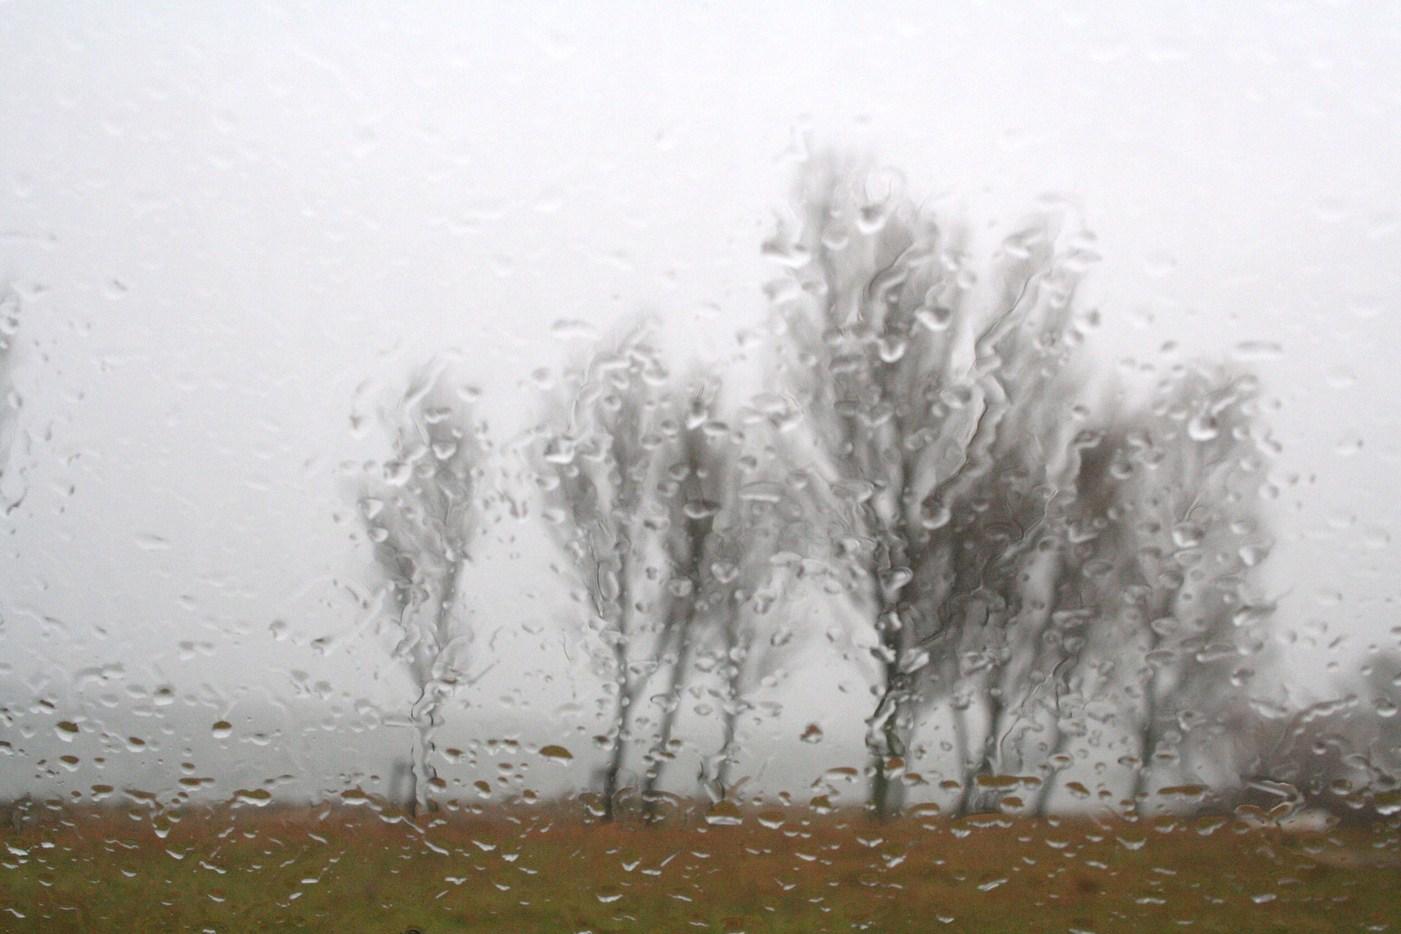 琵琶湖は霧の中だった 滋賀県立近代美術館シュウゾウ・アヅチ・ガリバー展_c0100195_9522039.jpg